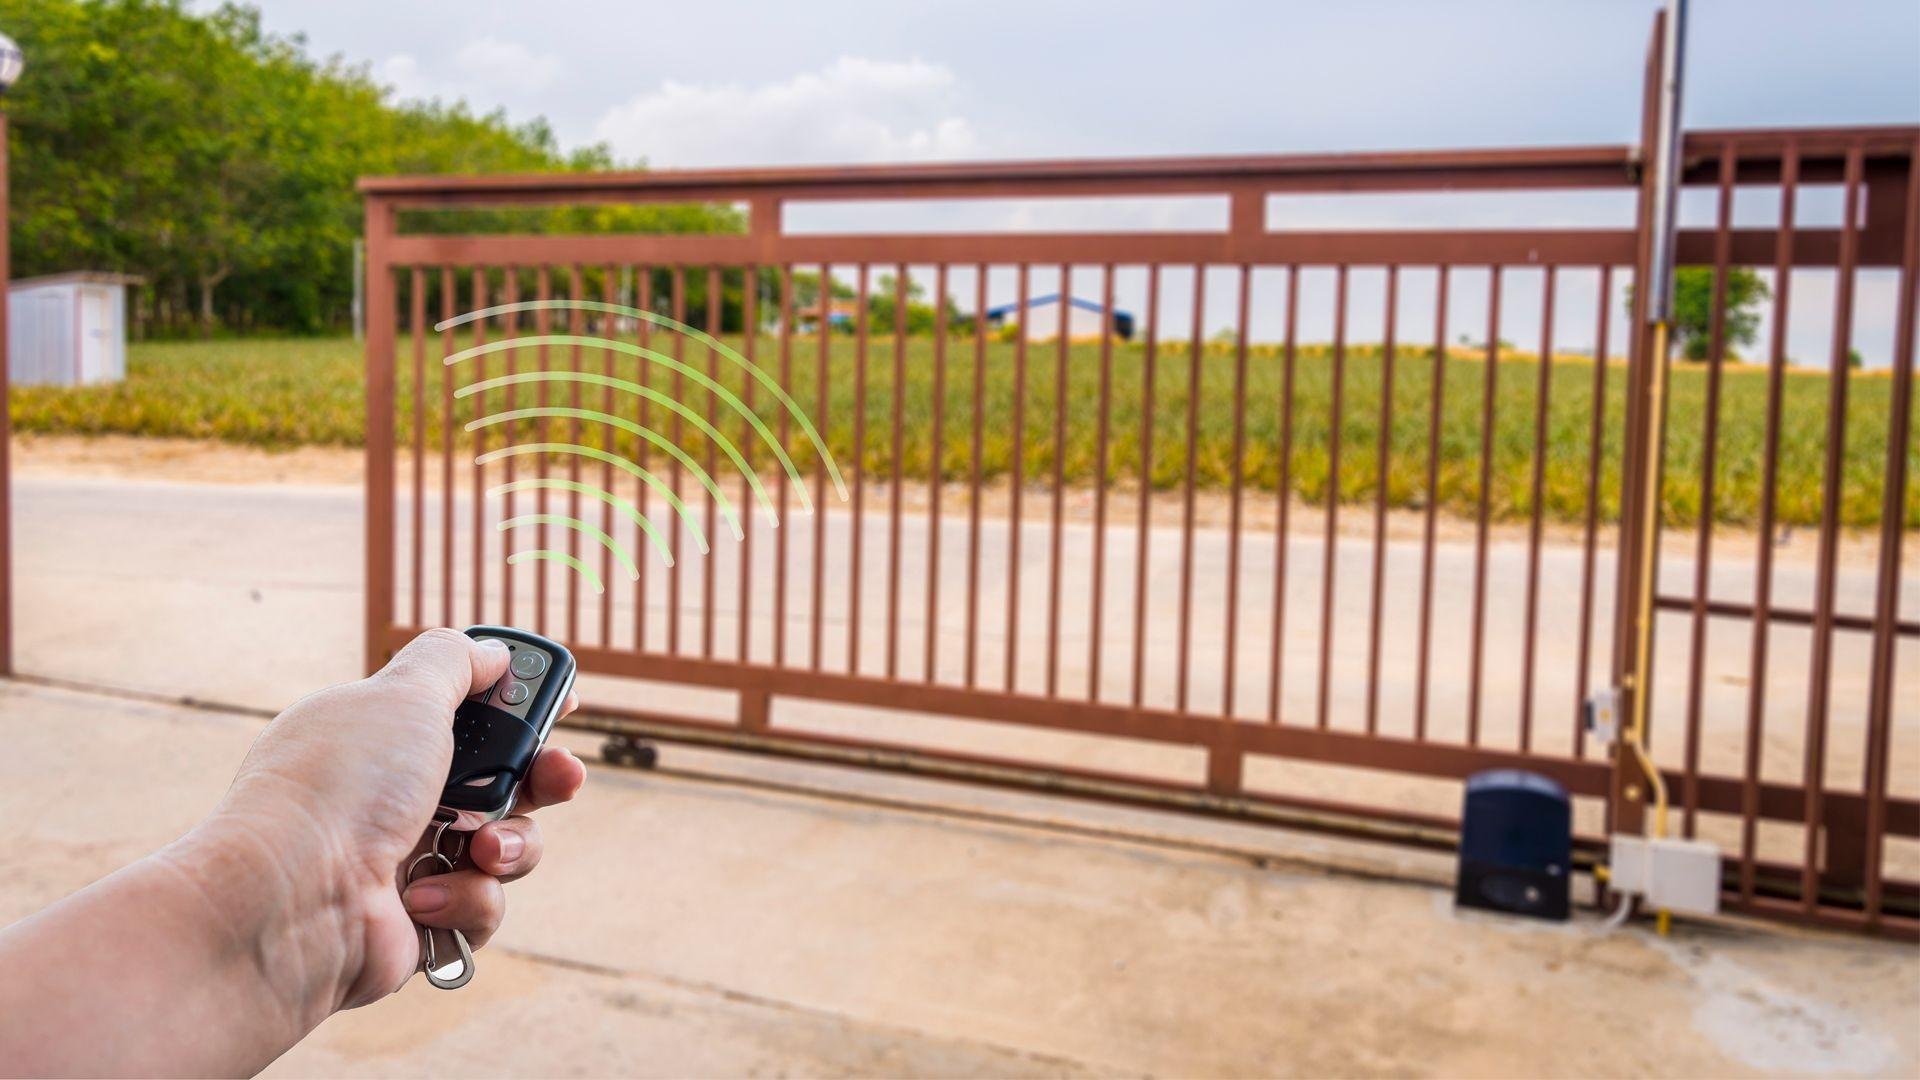 Mantenimiento de puertas automáticas en Tenerife